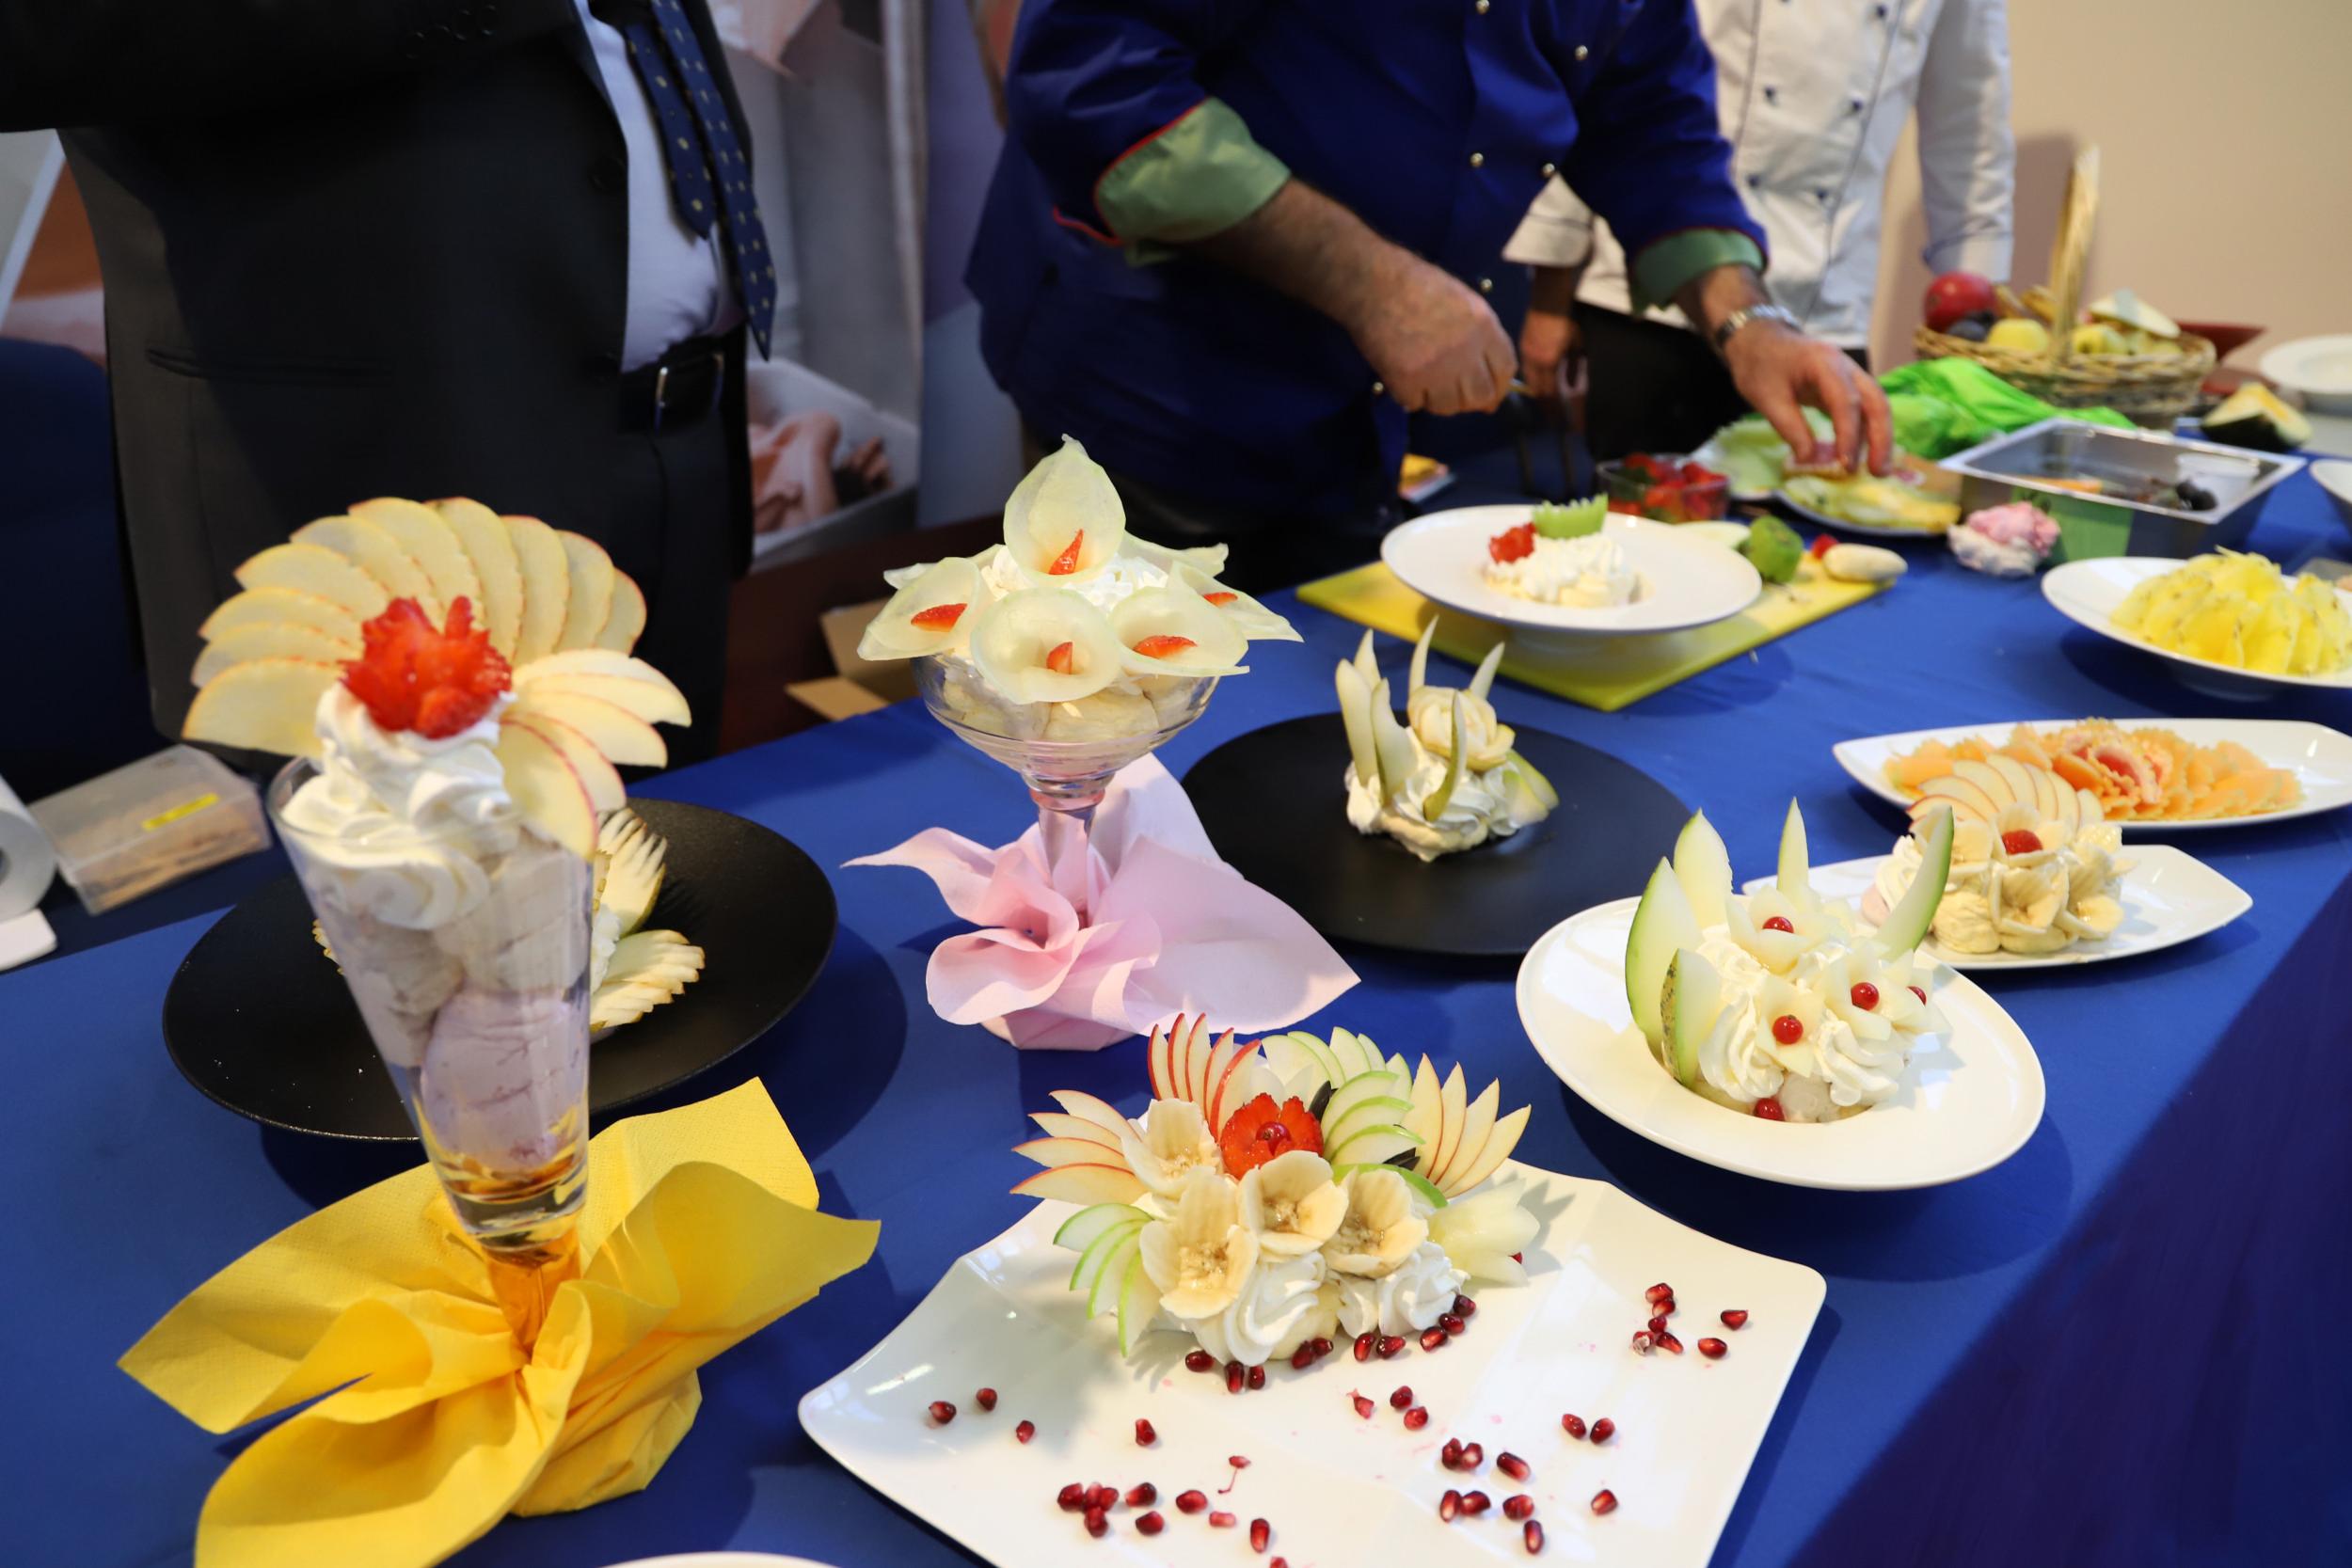 coppe gelato decorate con frutta da Beppo Tonon